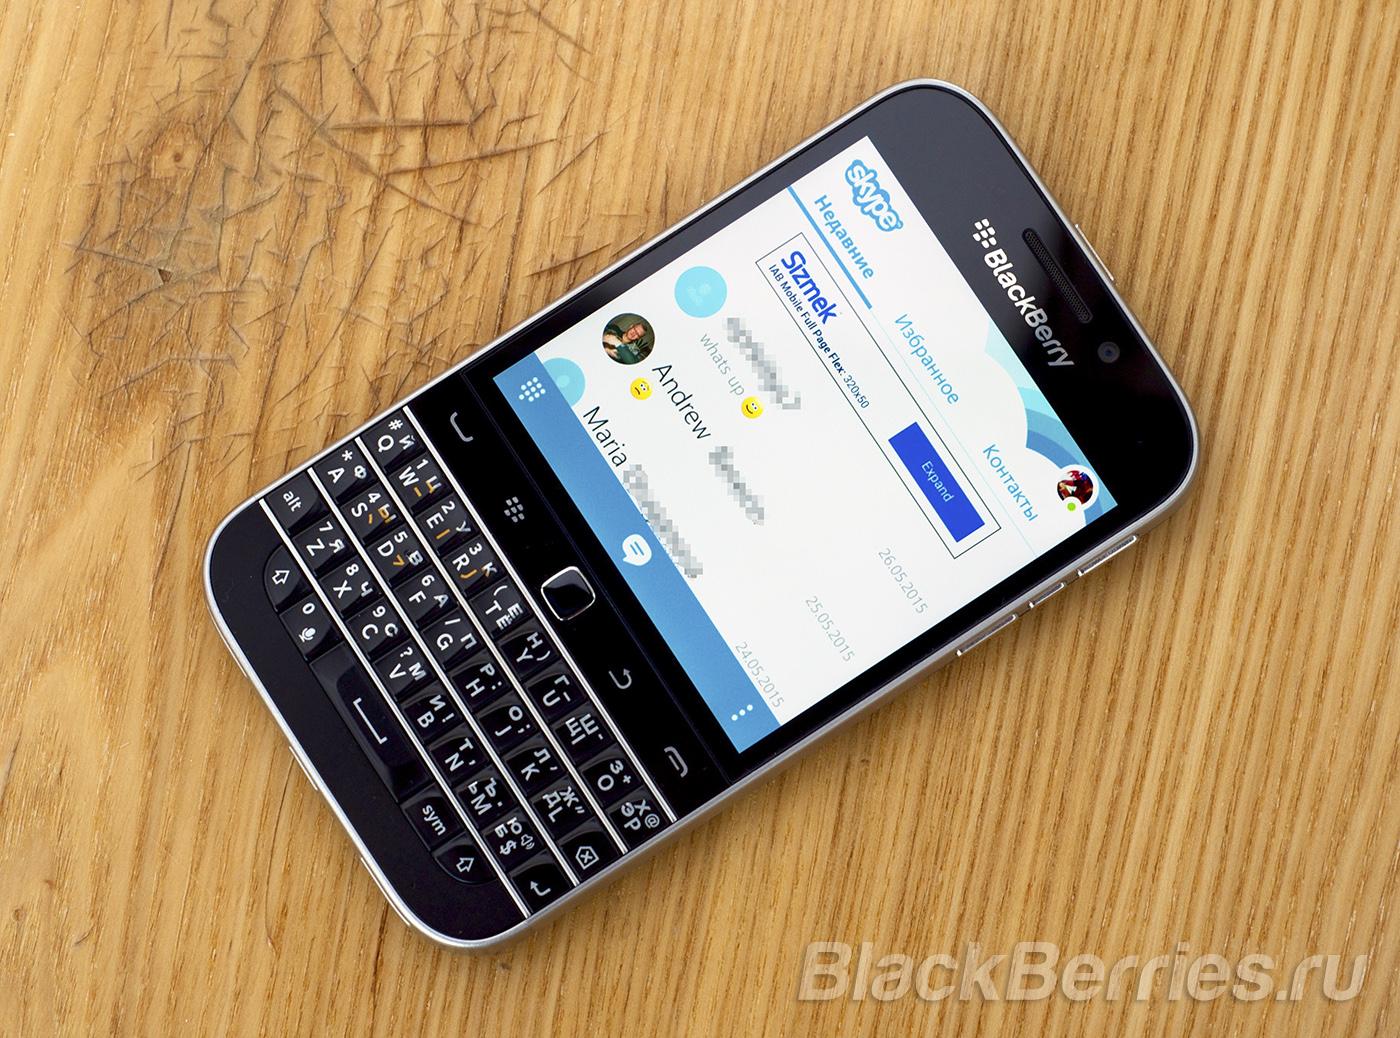 BlackBerry-App-03